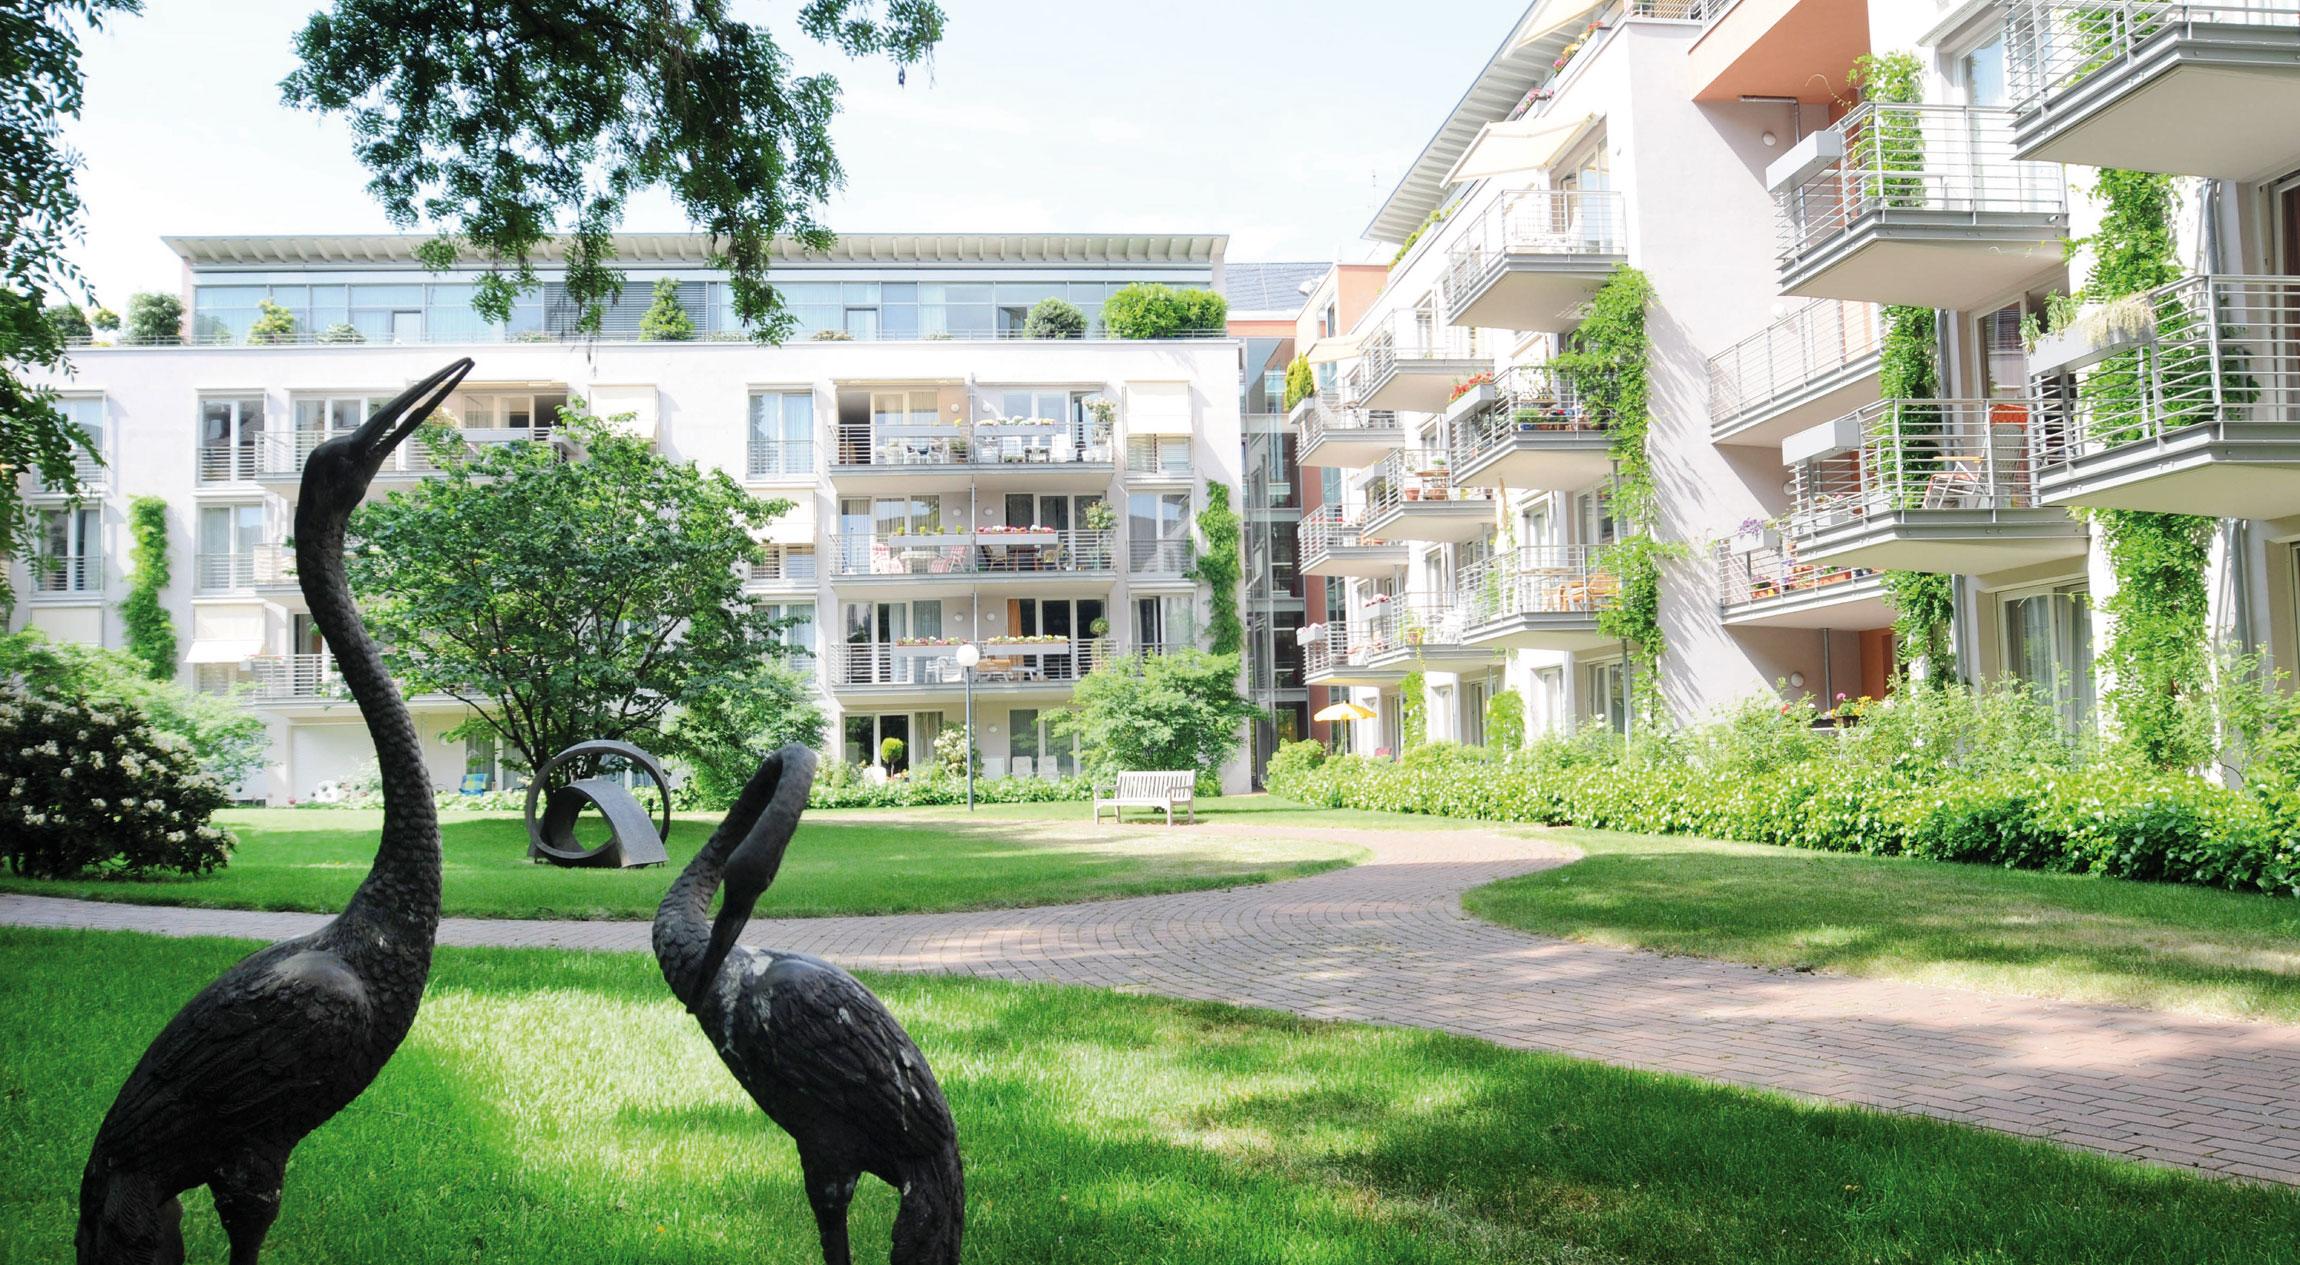 nova vita seniorenresidenzen Bonn